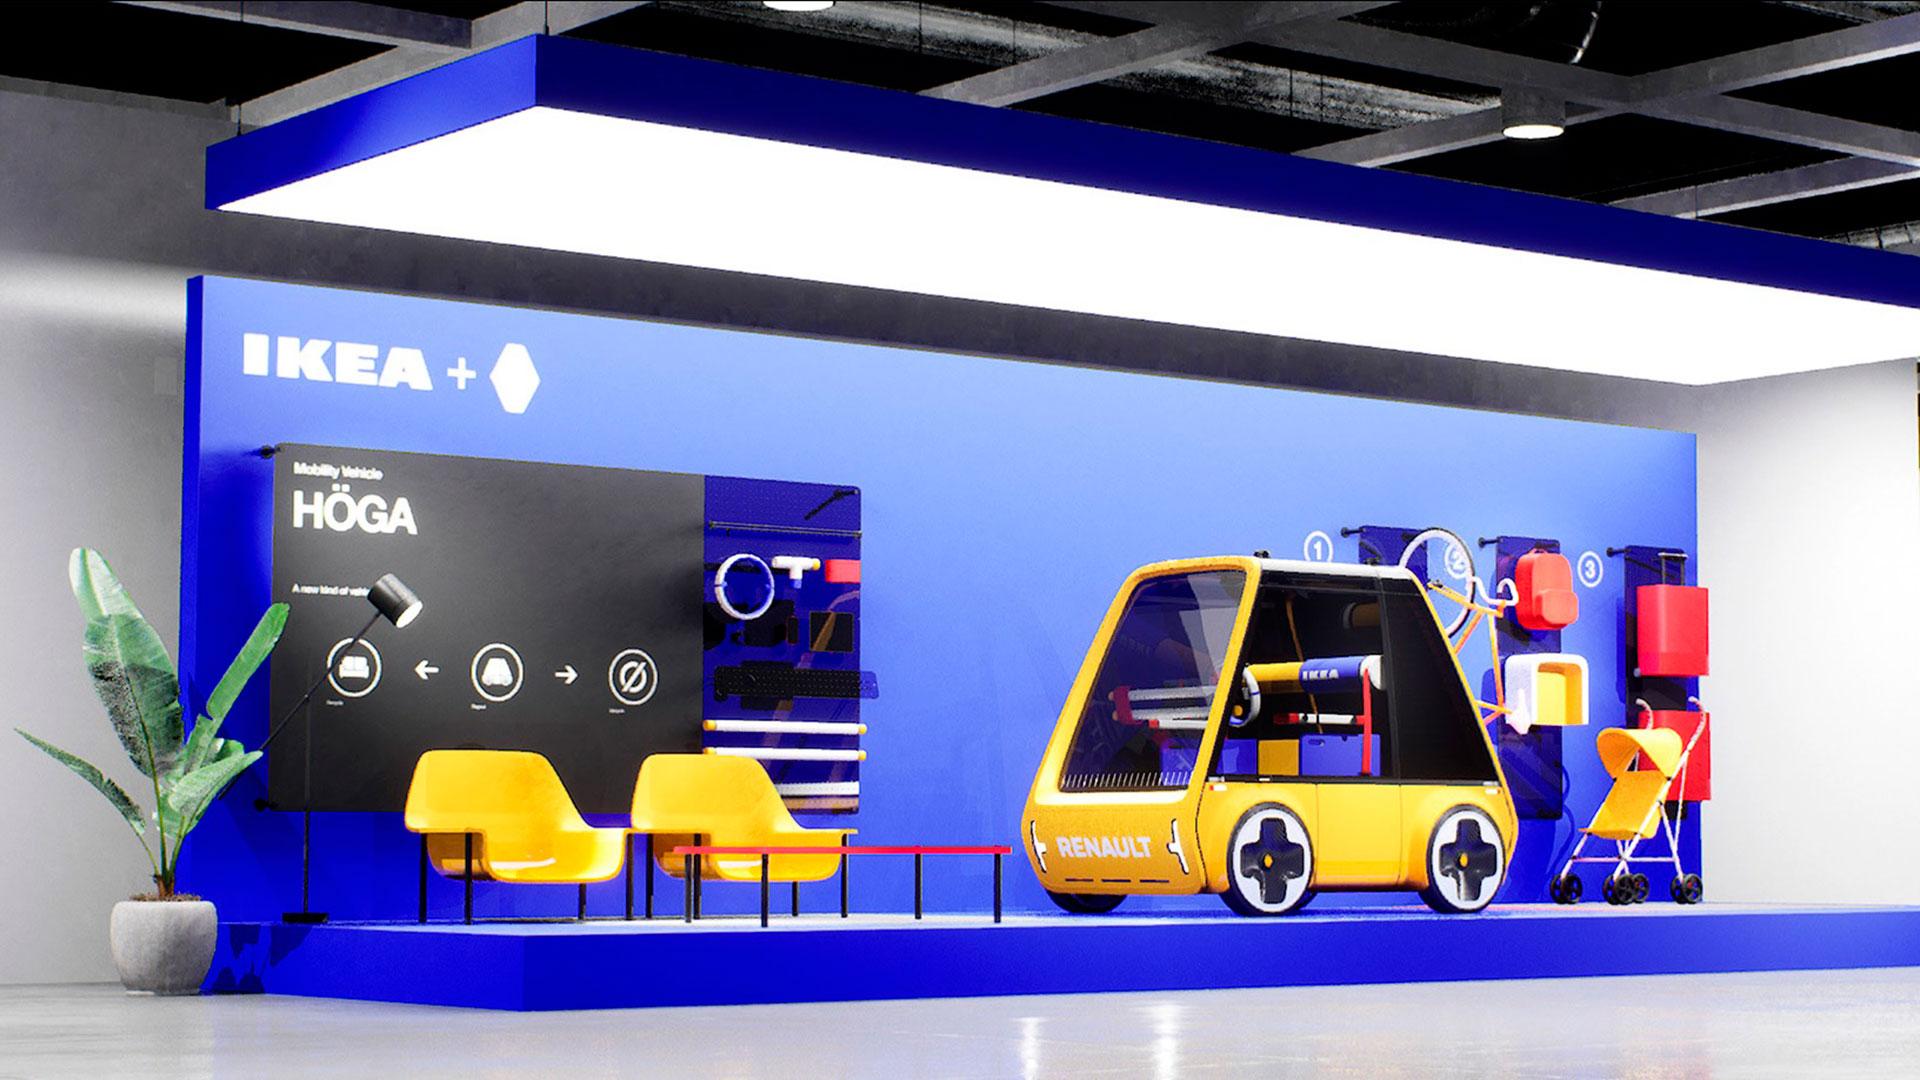 Renault Höga: un prototipo eléctrico que aplica el concepto Ikea al mundo del automóvil